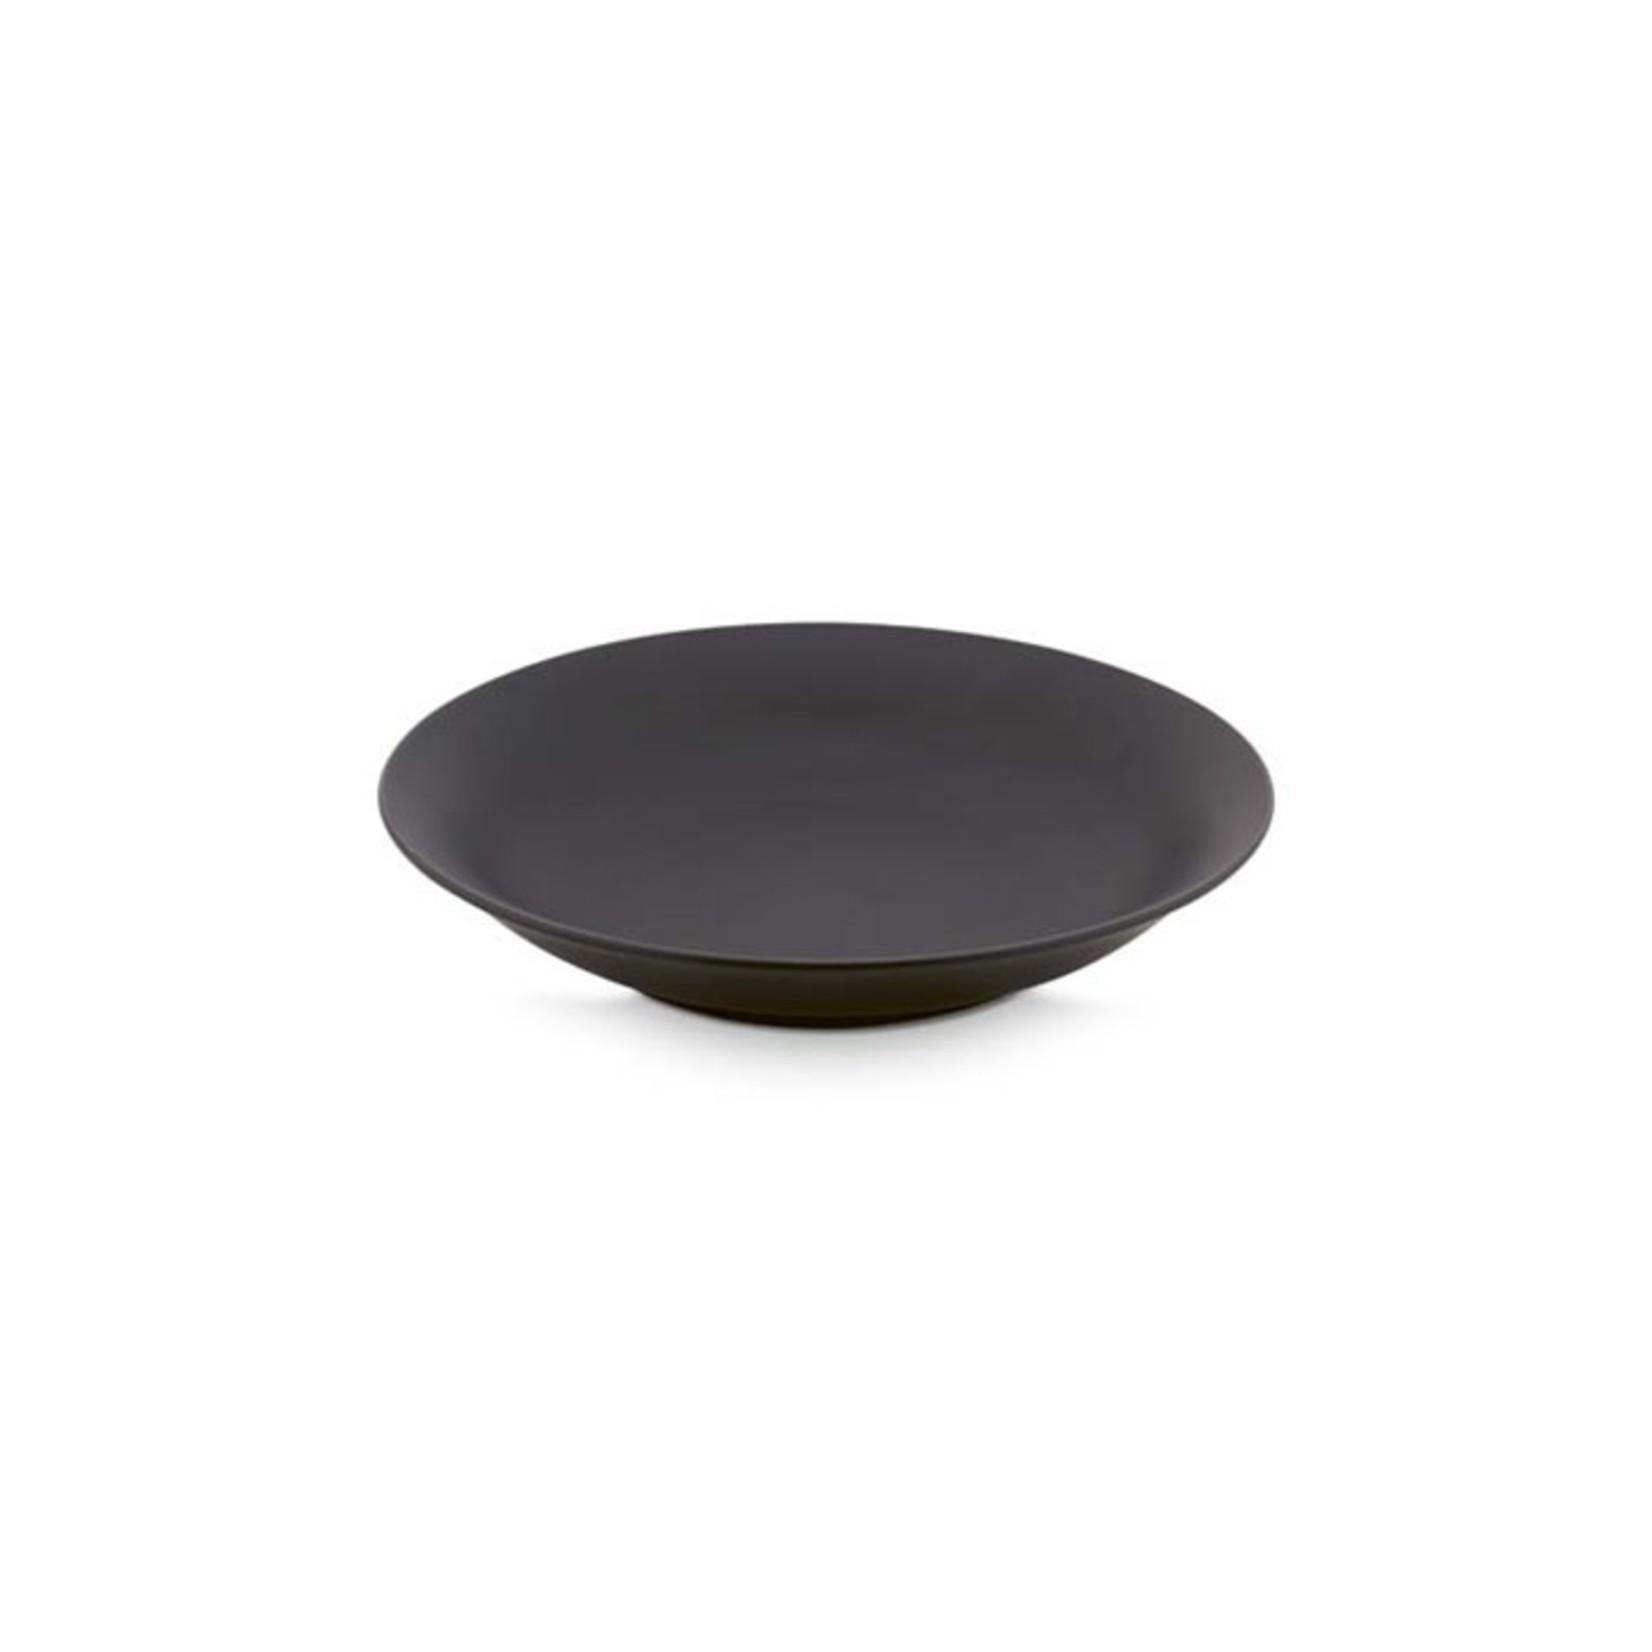 vtwonen vtwonen | Servies pasta bord mat zwart 25.5cm